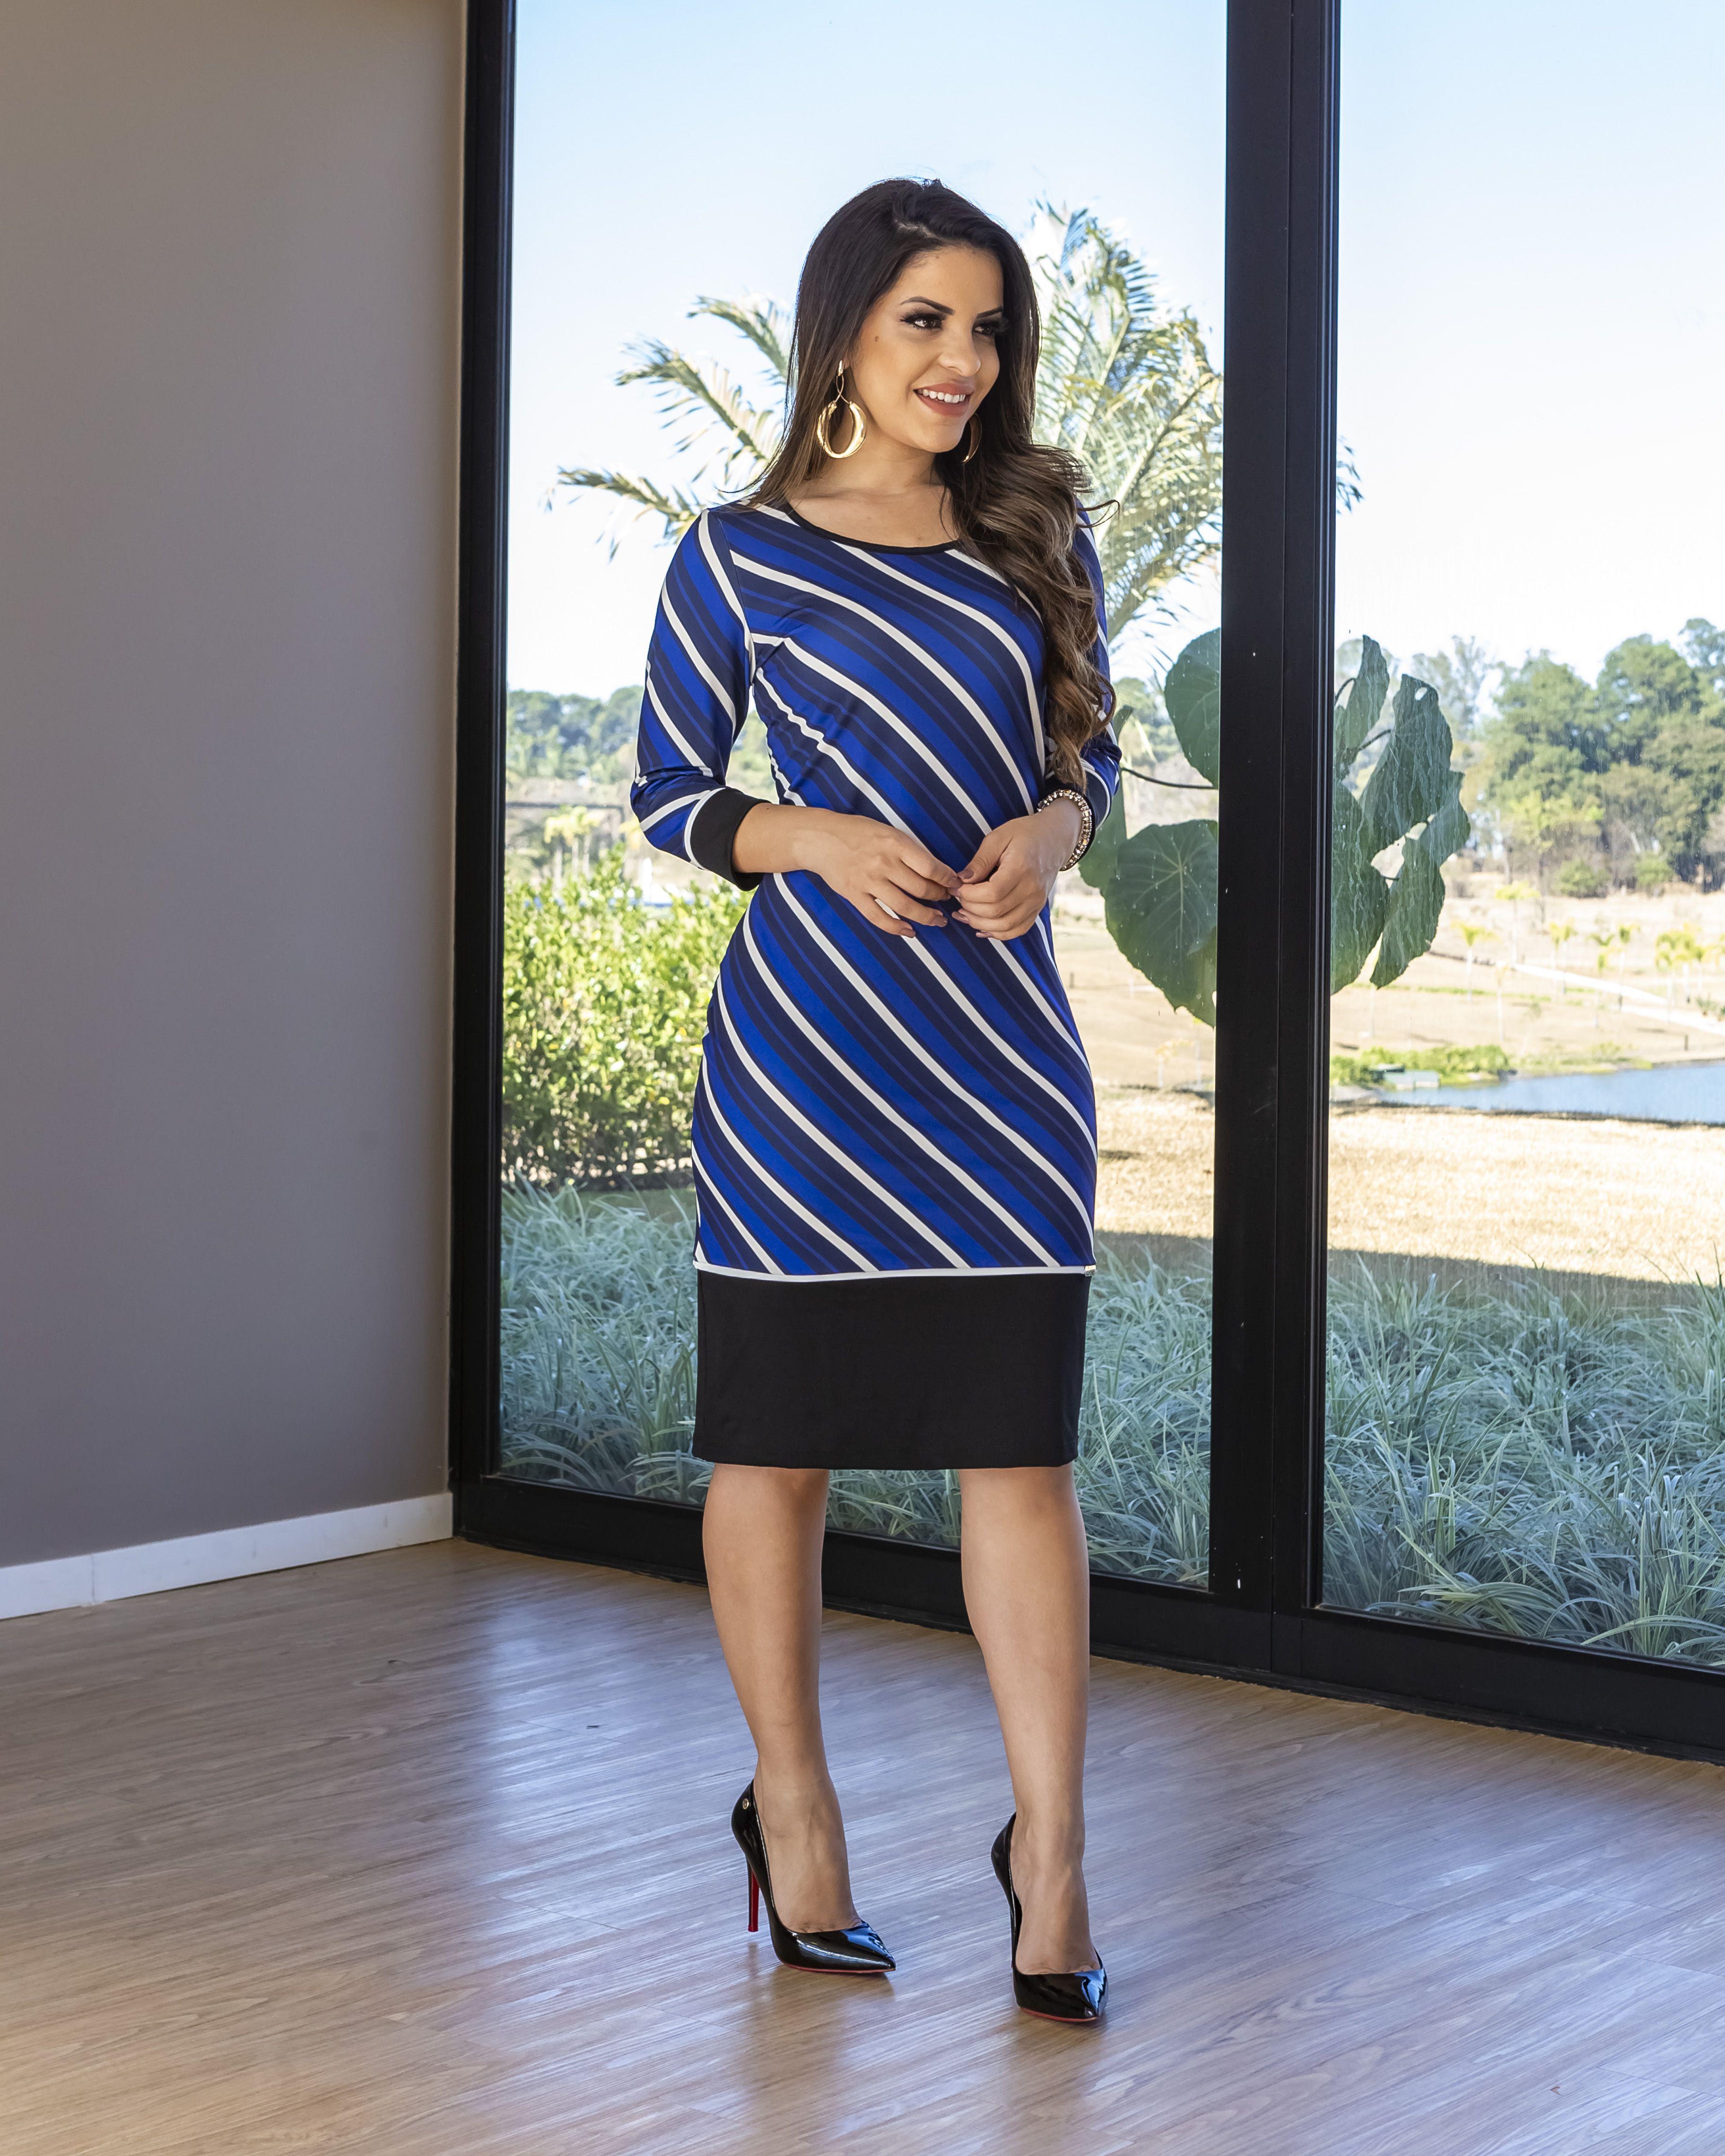 fbee55306468 Vestido com Listras Suplex | PAOLA SANTANA em 2019 | Moda, Moda ...